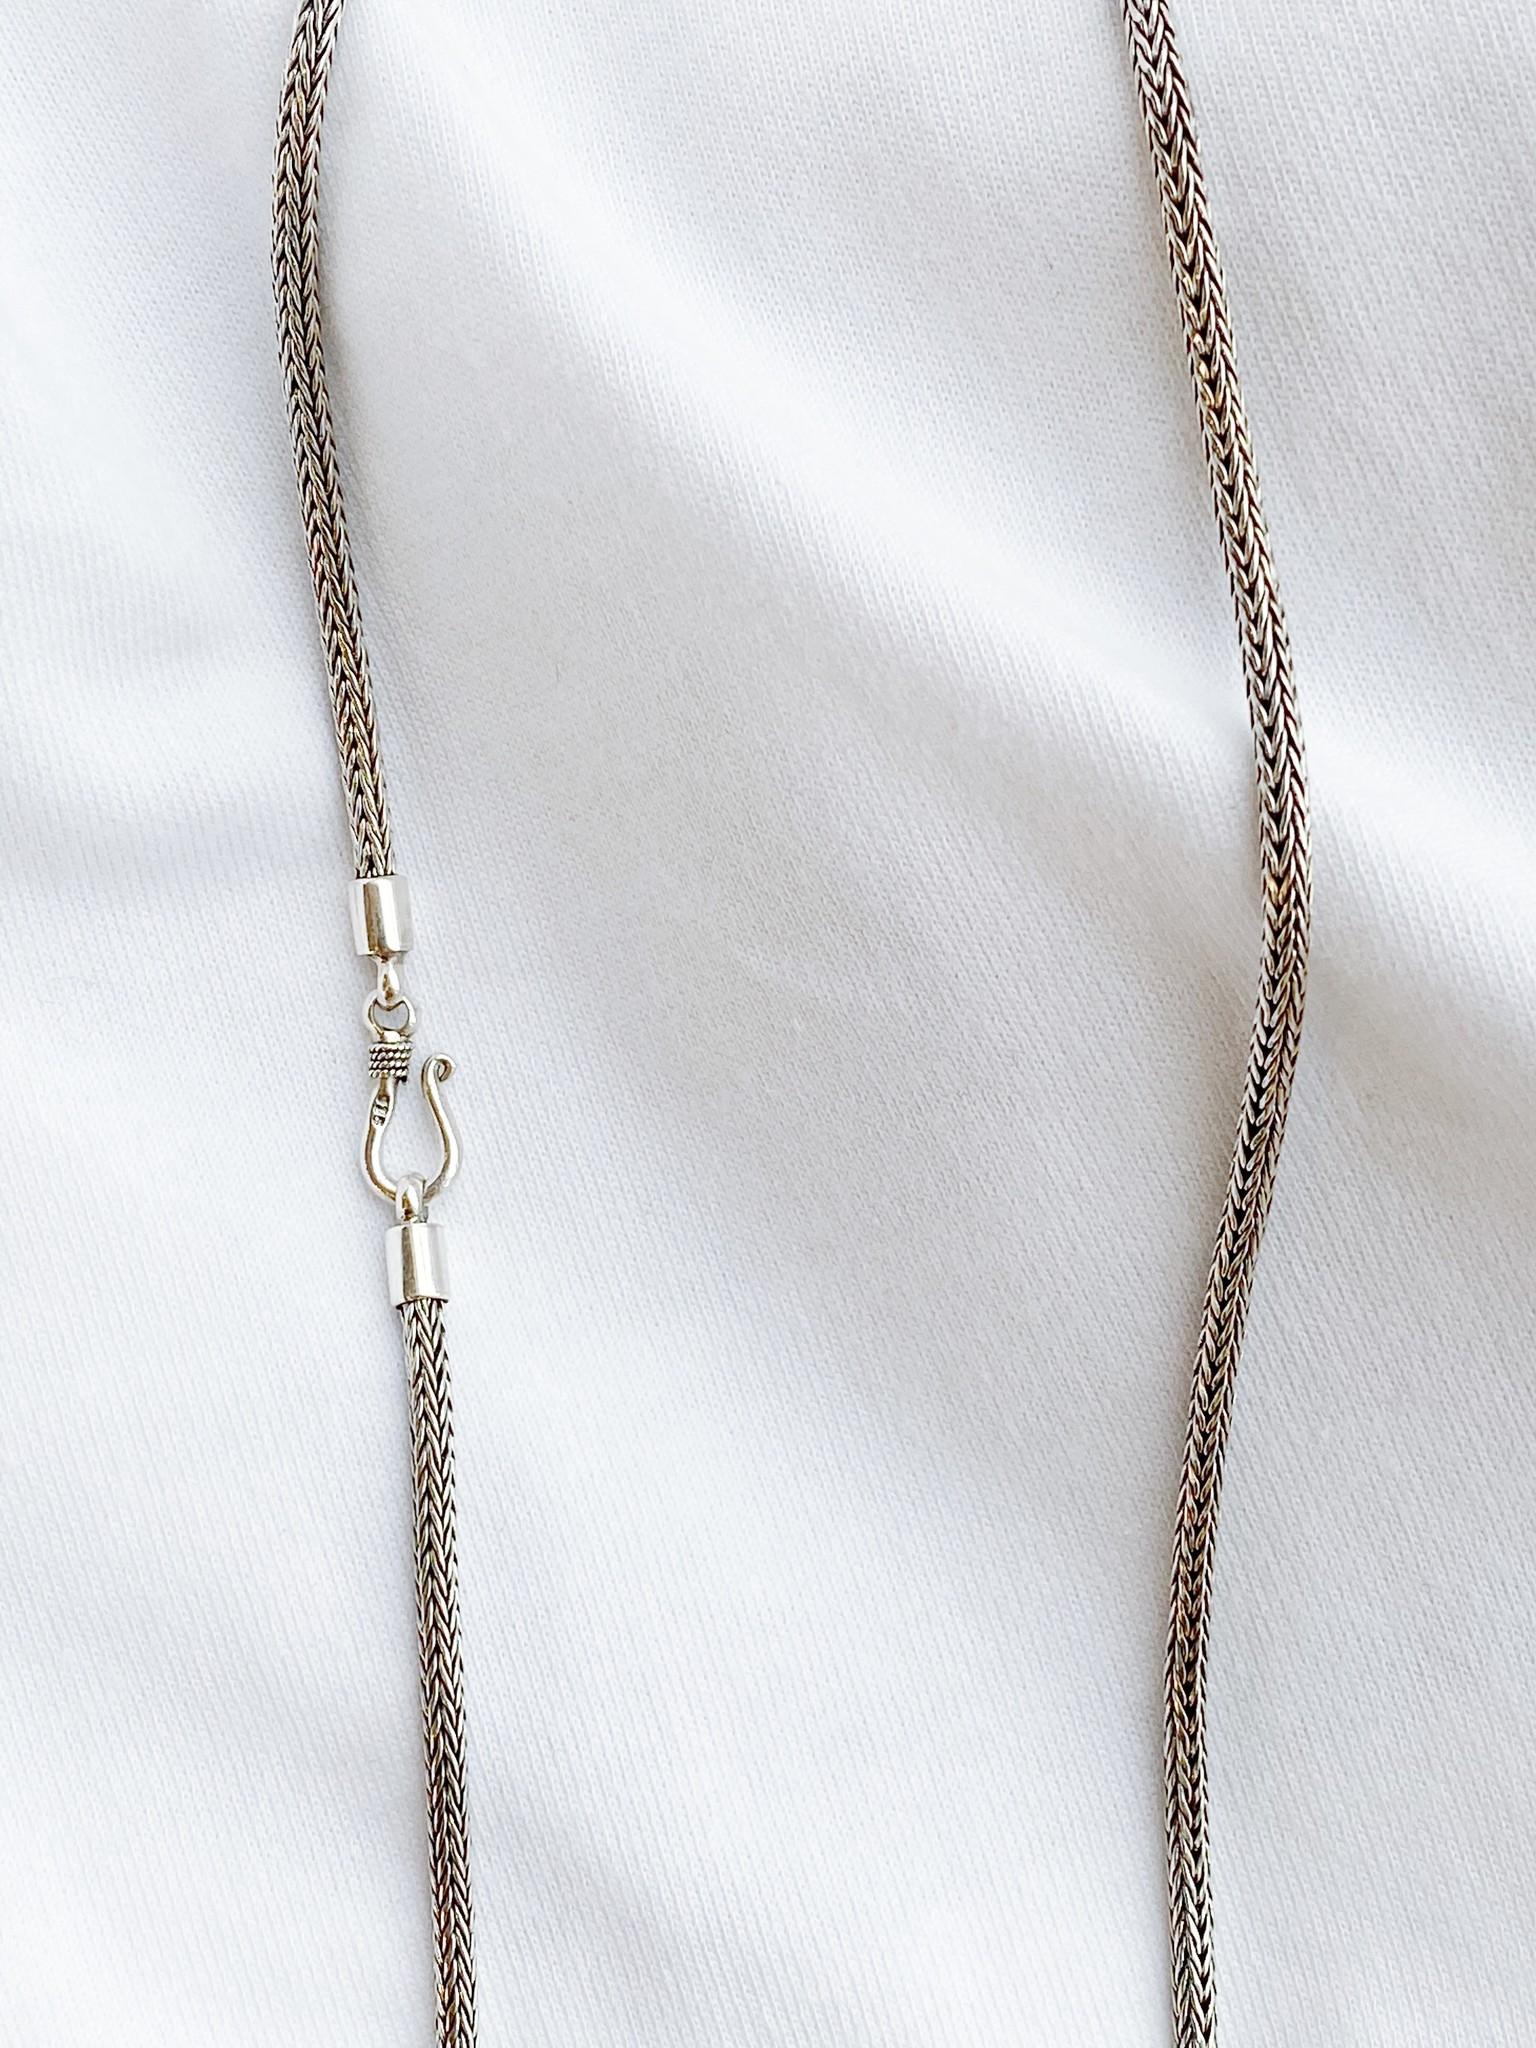 Necklace 4 (65cm)-1